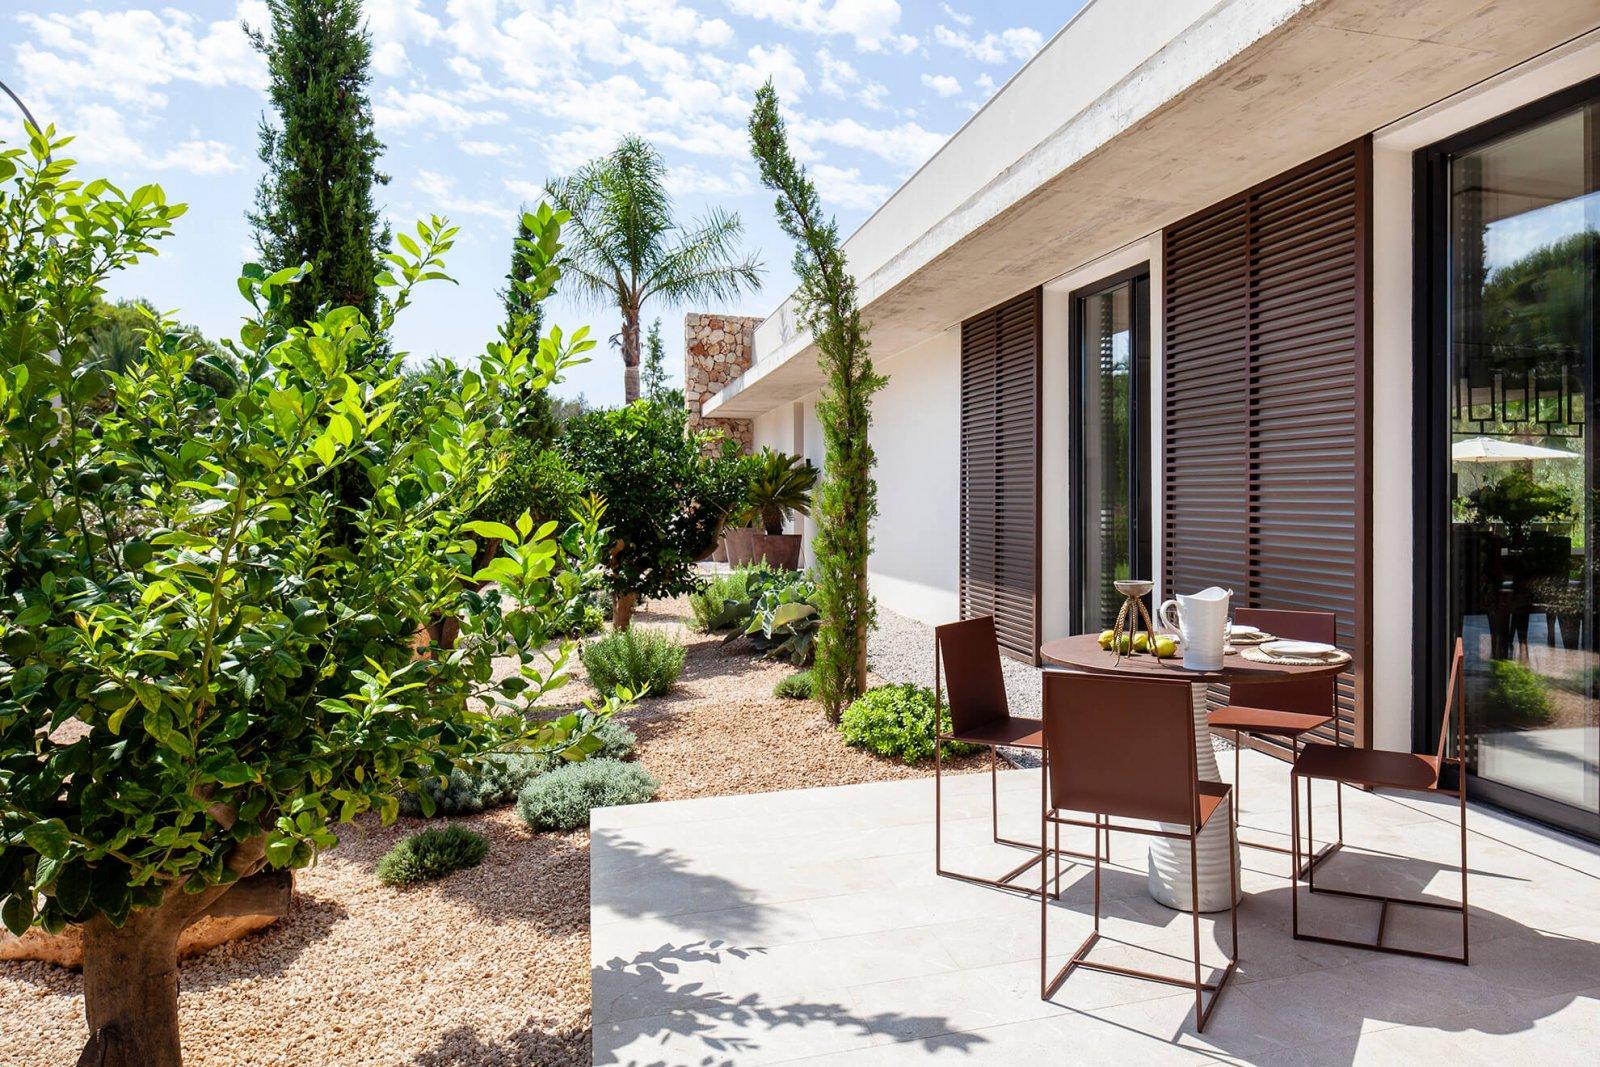 Detail view of the garden with trees, table area and interior facade of the Casa del Sol de Mallorca